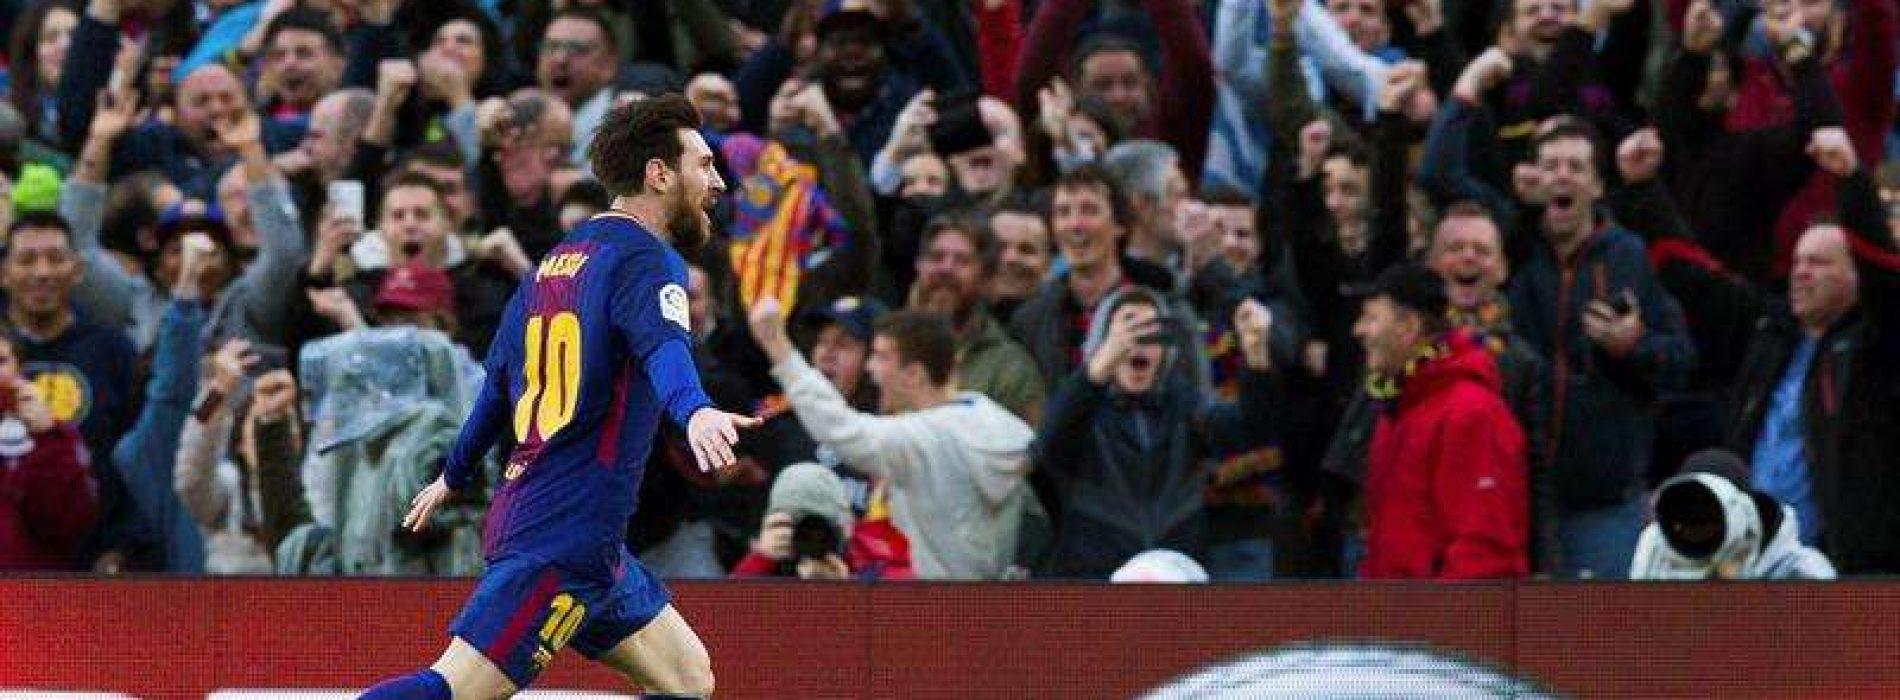 Messi llegó a 600 goles, conoce a quién le anotó y cuántas veces